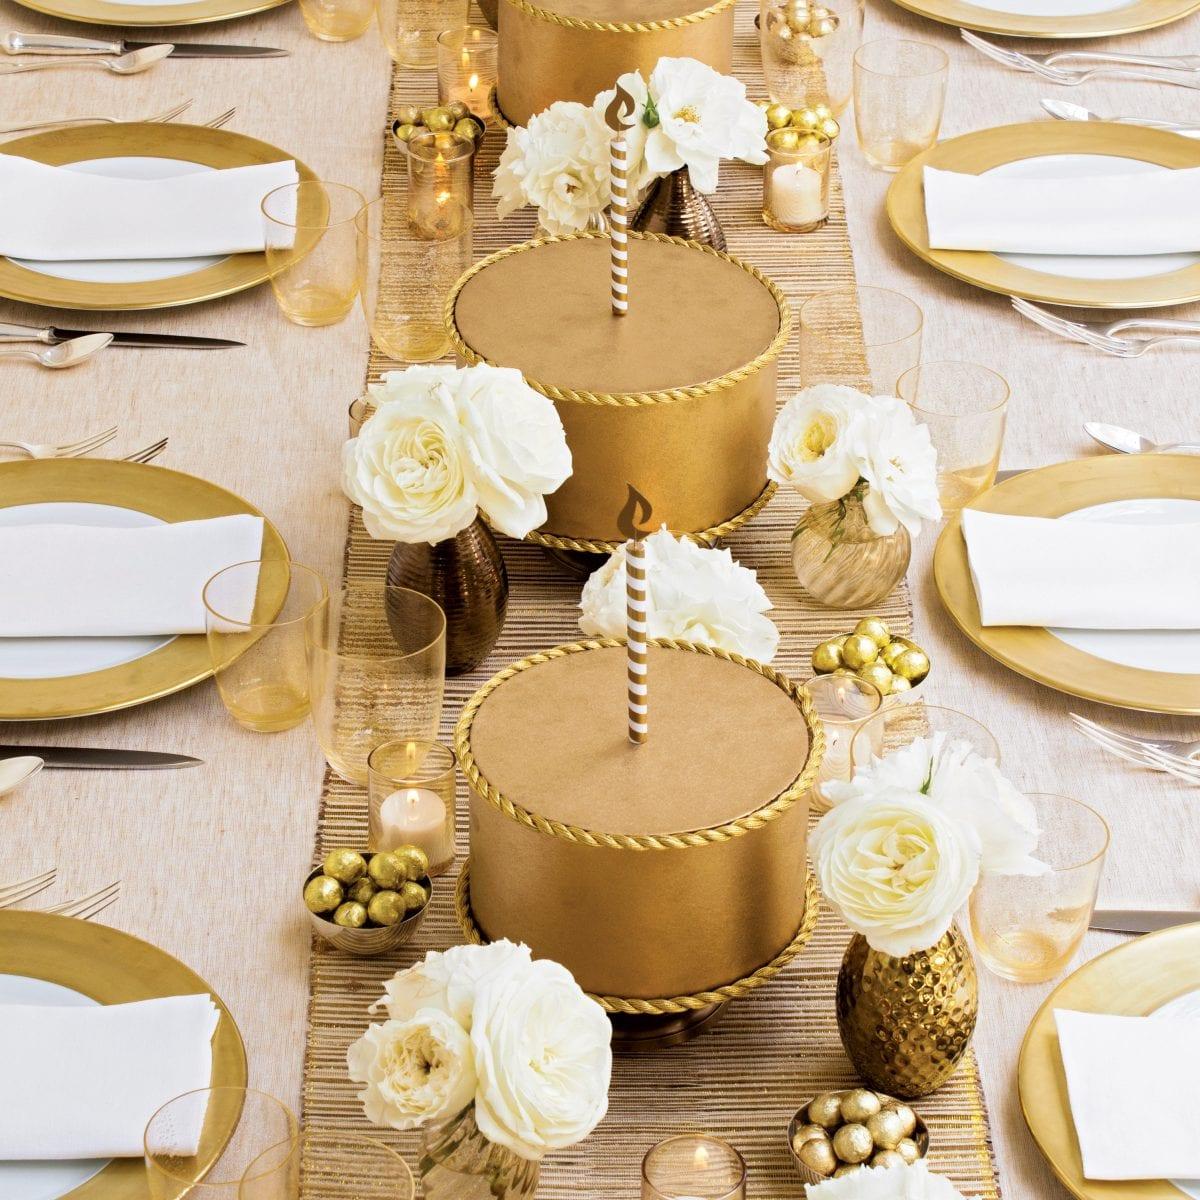 david_stark_dmn_gold_cake_table11